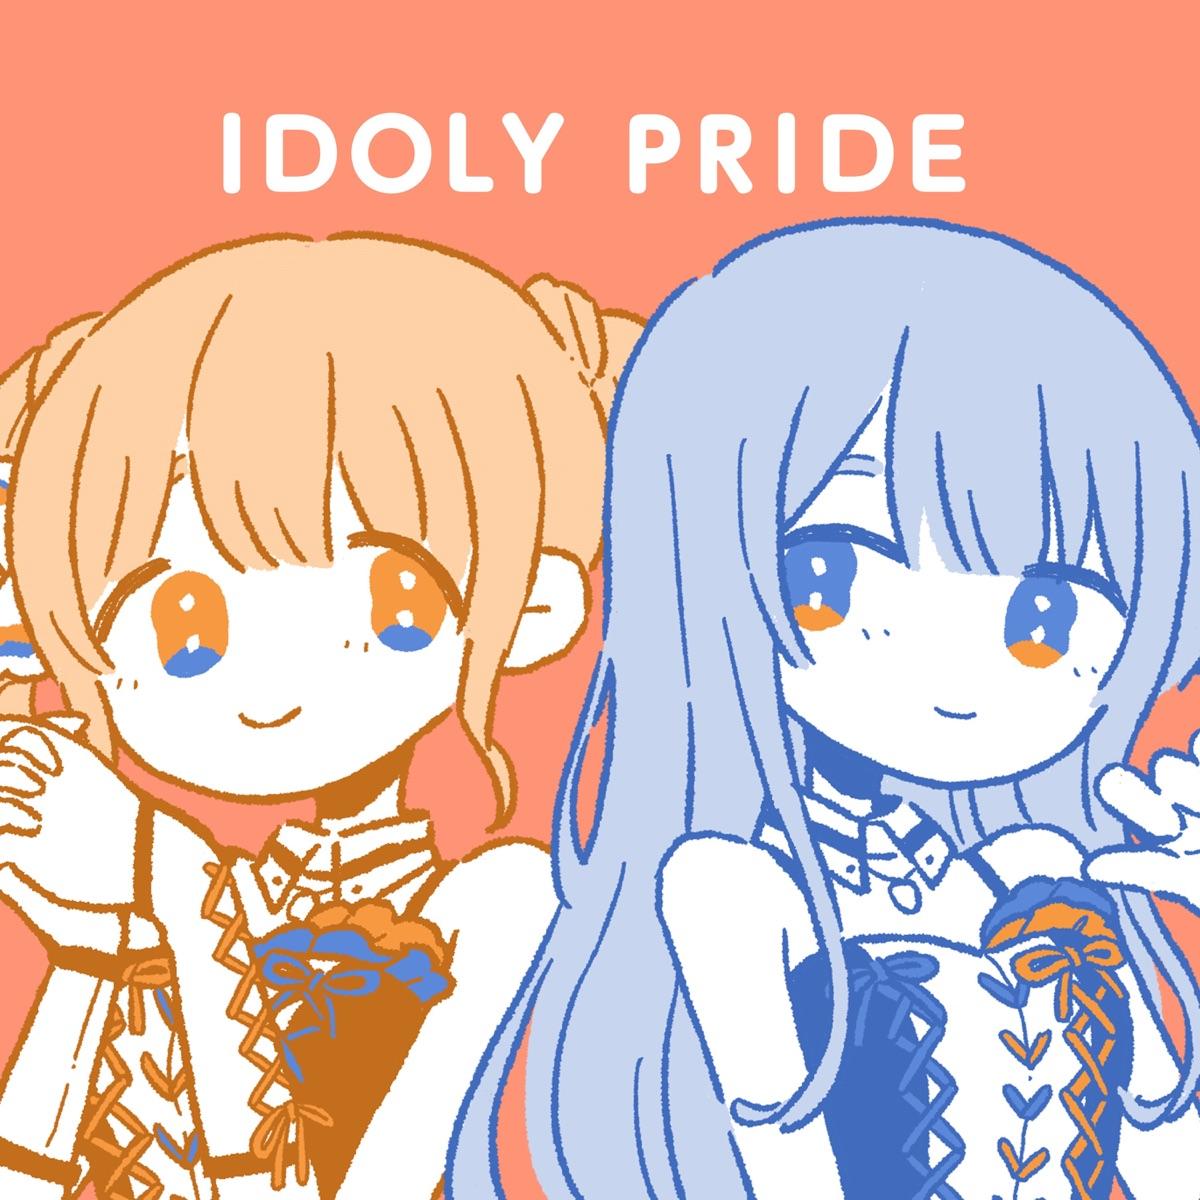 『星見プロダクション - IDOLY PRIDE』収録の『IDOLY PRIDE』ジャケット